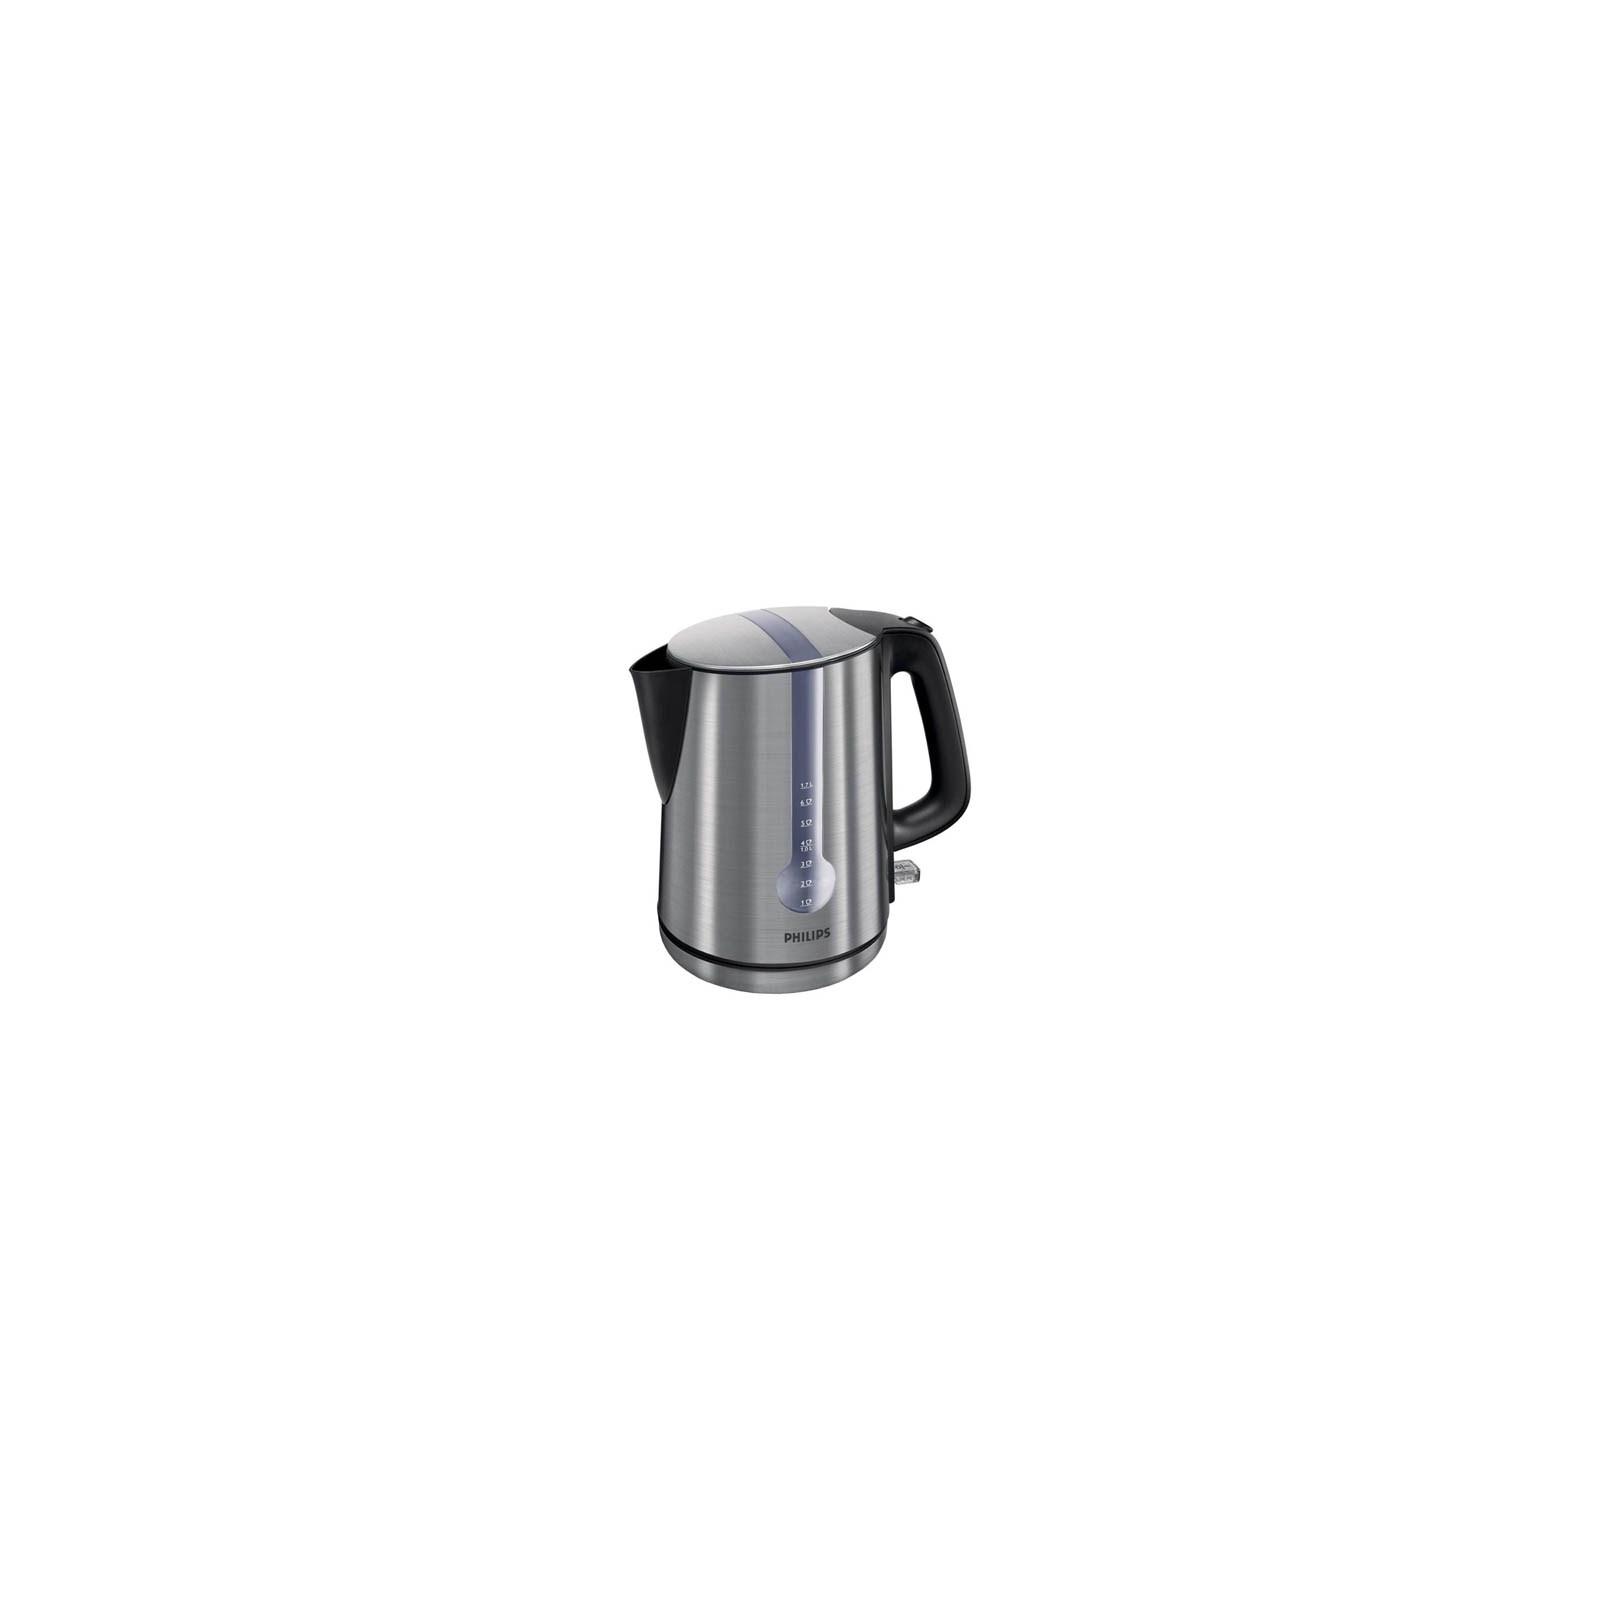 Электрочайник PHILIPS HD 4670/20 (HD4670/20)